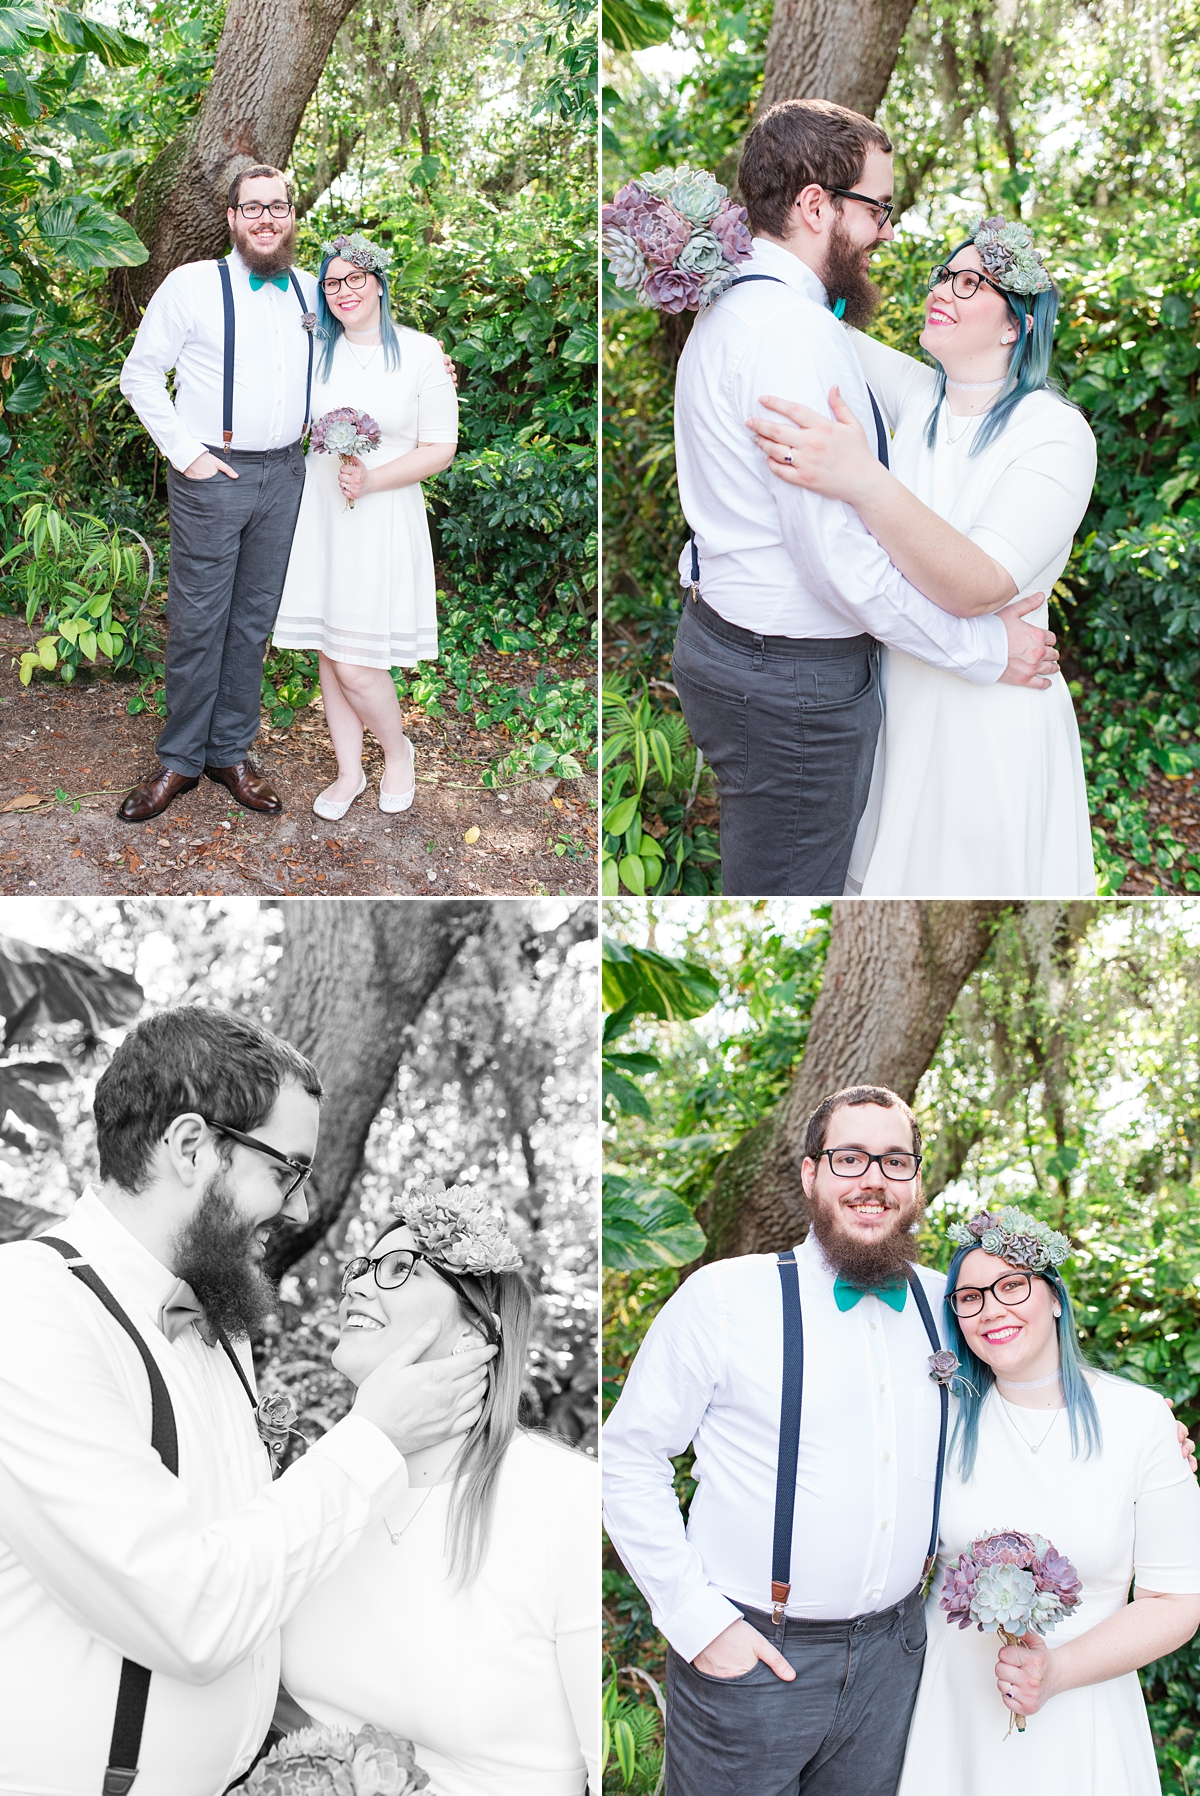 Titusville Florida Wedding_Elopement Photos_Blue Hair_Succulent Bouquet_Elopement Inspiration_18.jpg